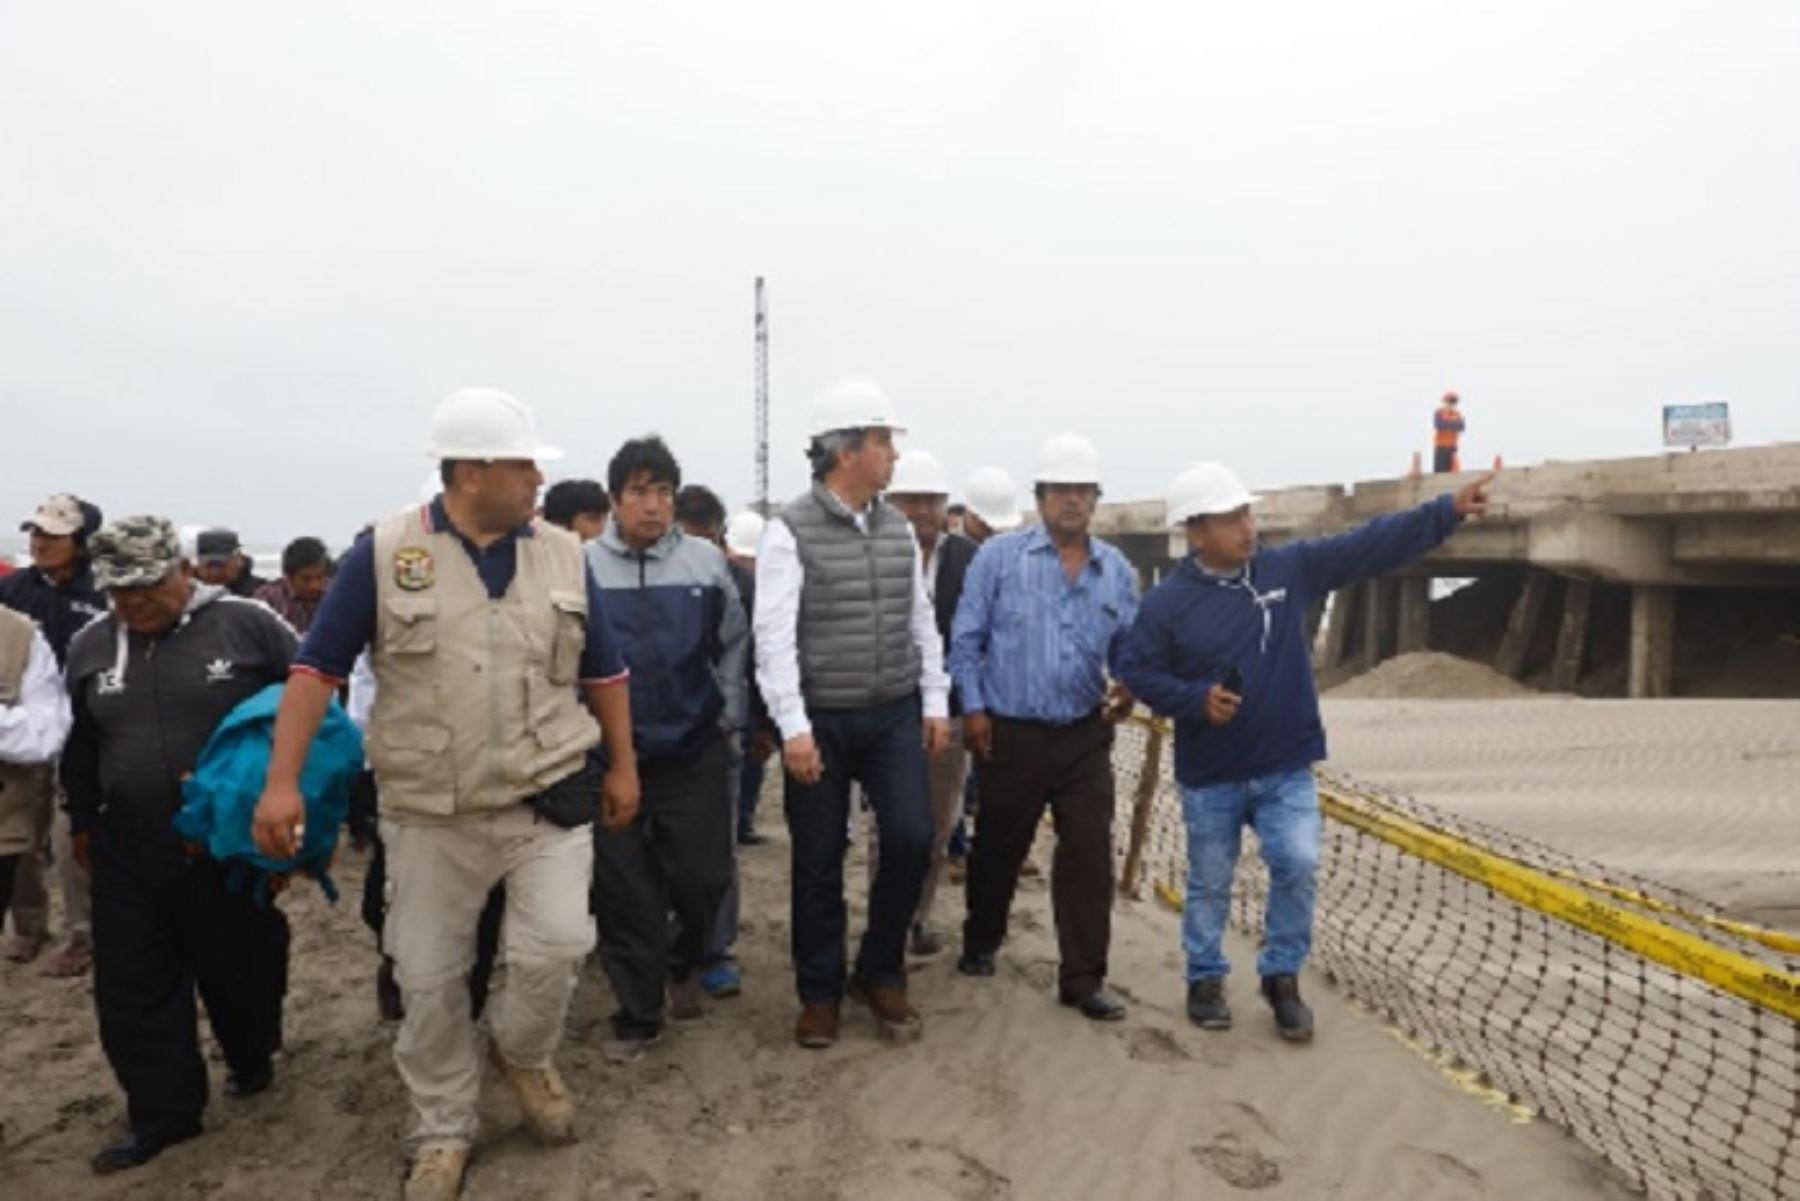 Ministro de la Producción, Raúl Pérez-Reyes, supervisa las obras que se vienen ejecutando en el Desembarcadero Pesquero Artesanal (DPA) de San José, en la región Lambayeque, cuyos trabajos de construcción demandan una inversión de S/ 32`240 329.53 soles